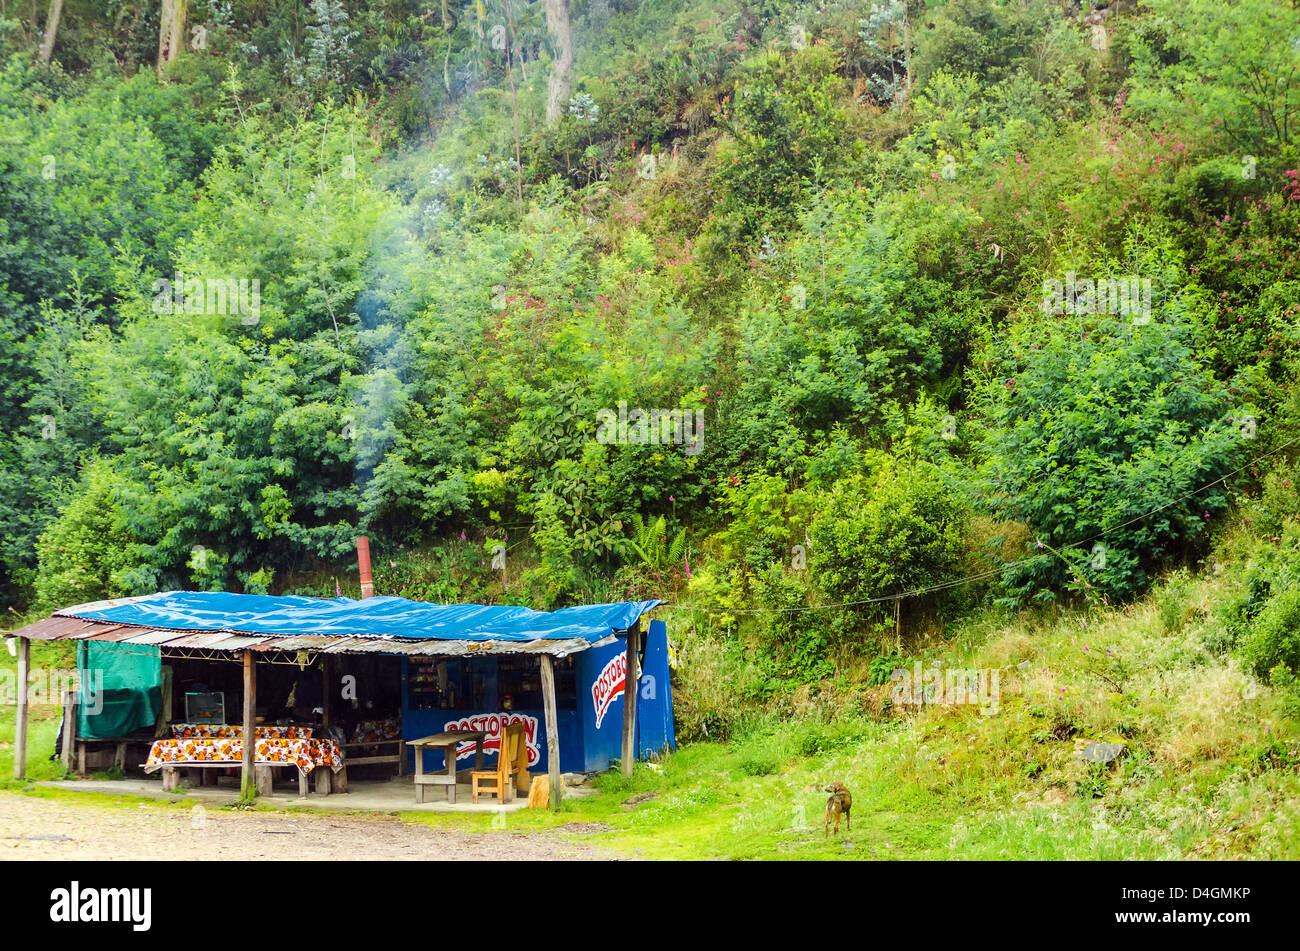 Roadside Restaurant Stock Photos & Roadside Restaurant Stock Images ...